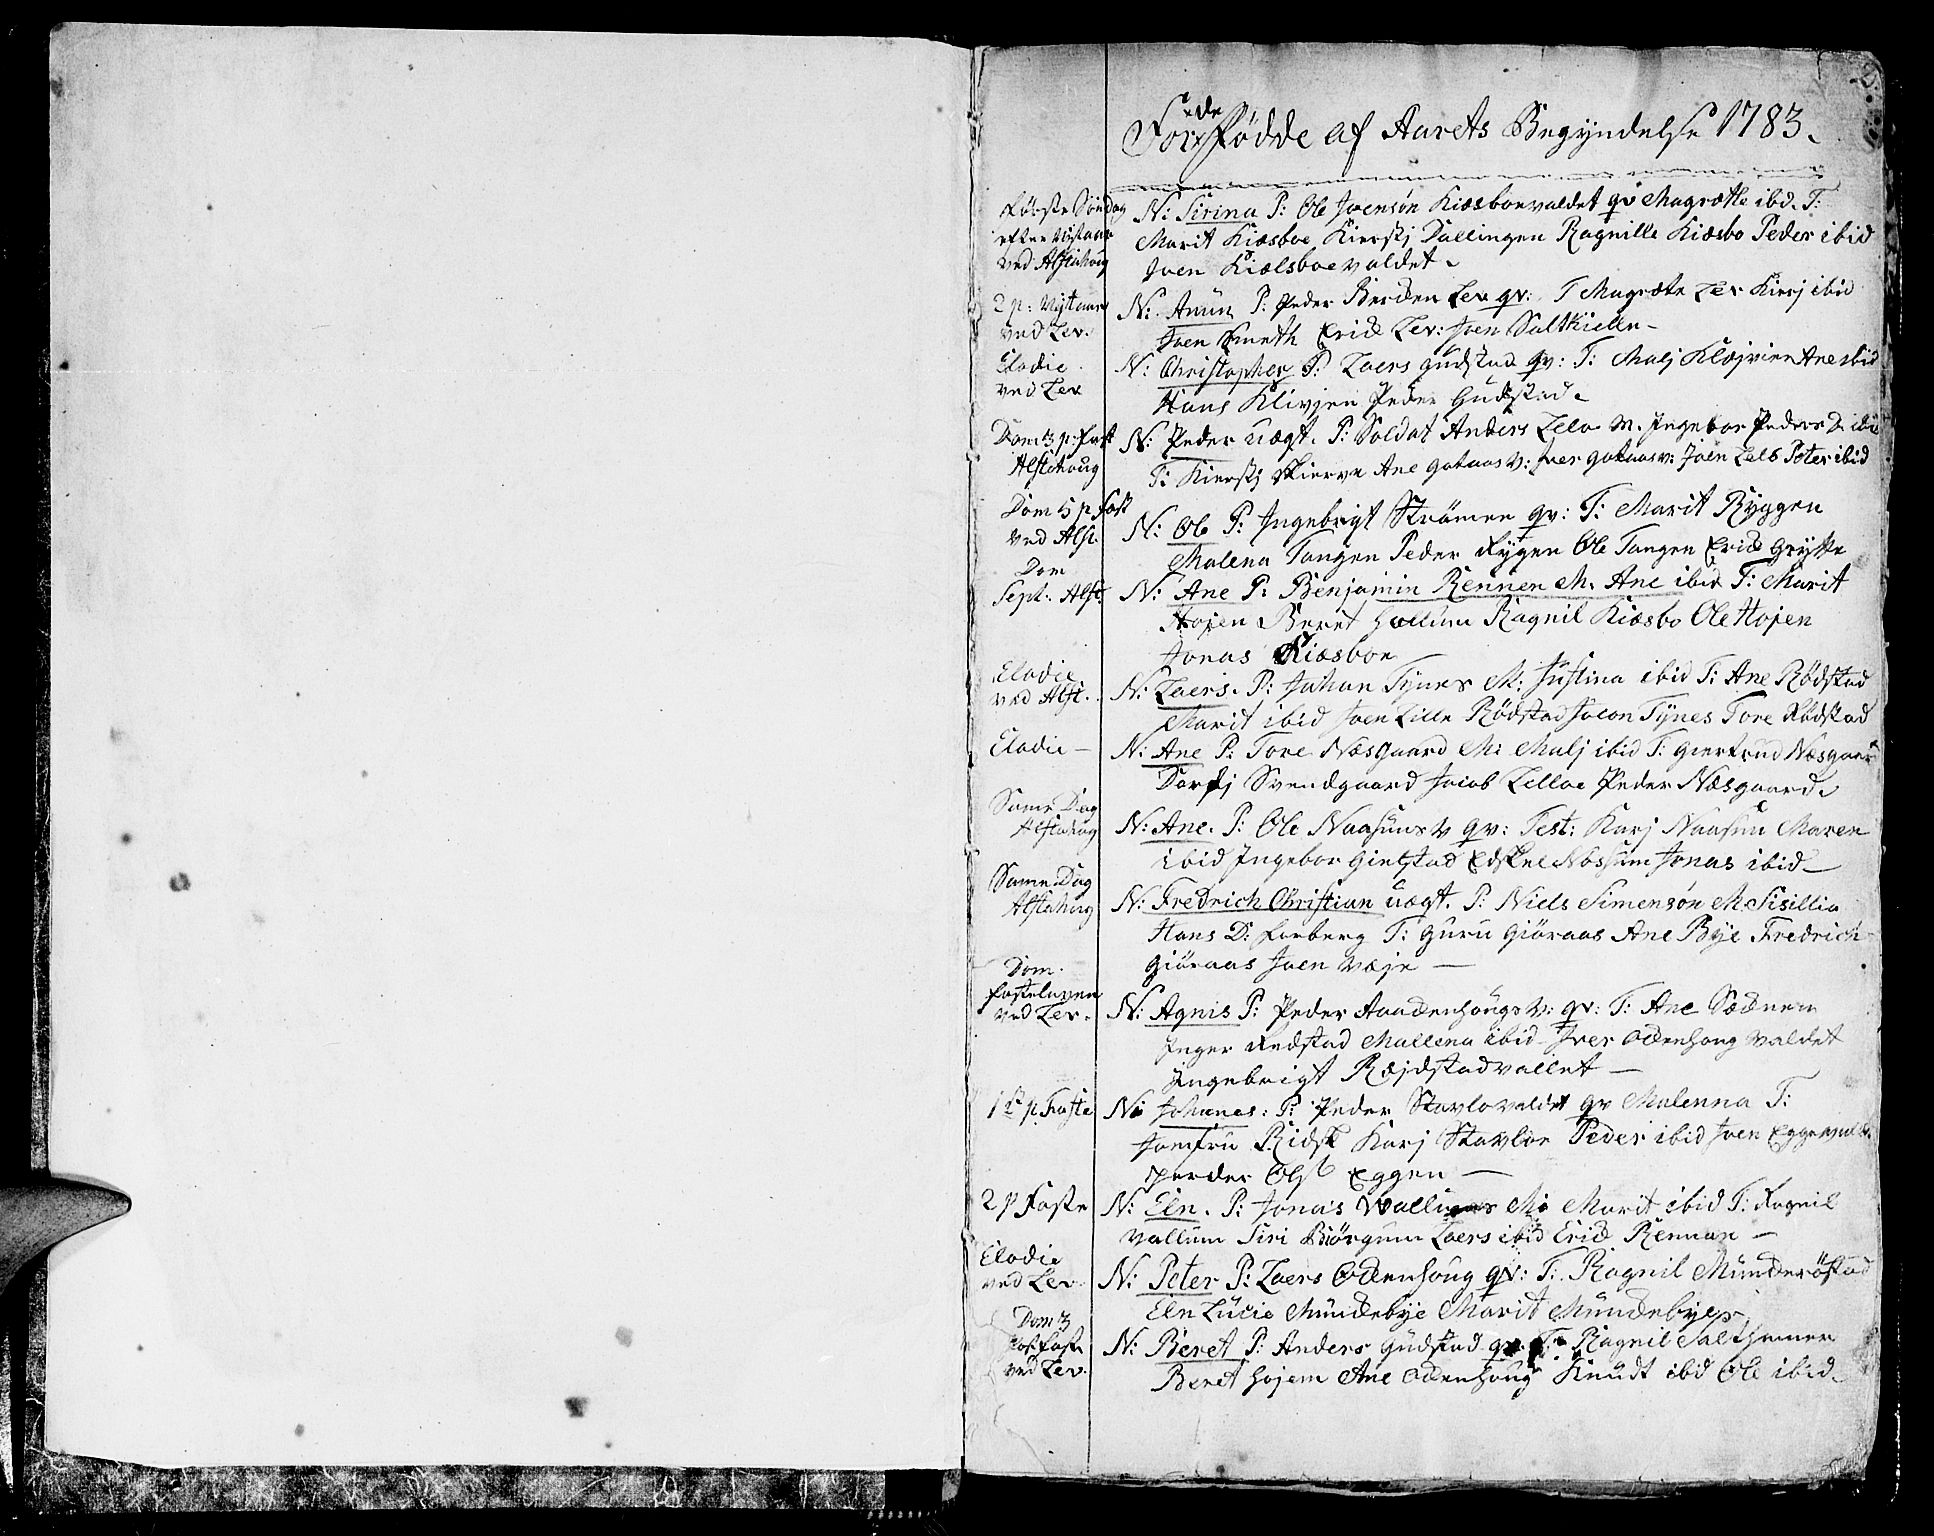 SAT, Ministerialprotokoller, klokkerbøker og fødselsregistre - Nord-Trøndelag, 717/L0142: Ministerialbok nr. 717A02 /1, 1783-1809, s. 2